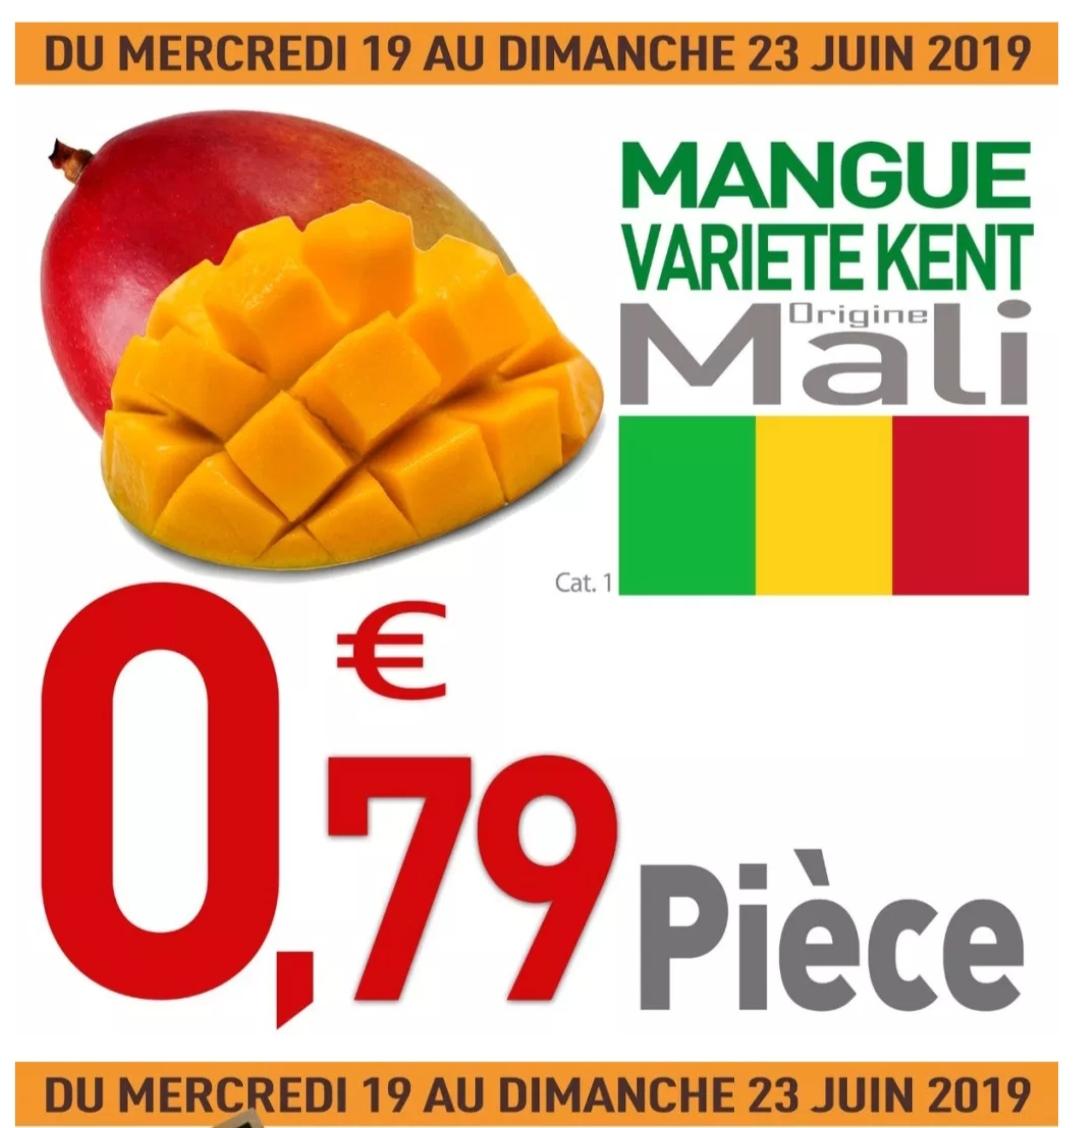 Mangue variété Kent (Origine Mali) - Catégorie 1